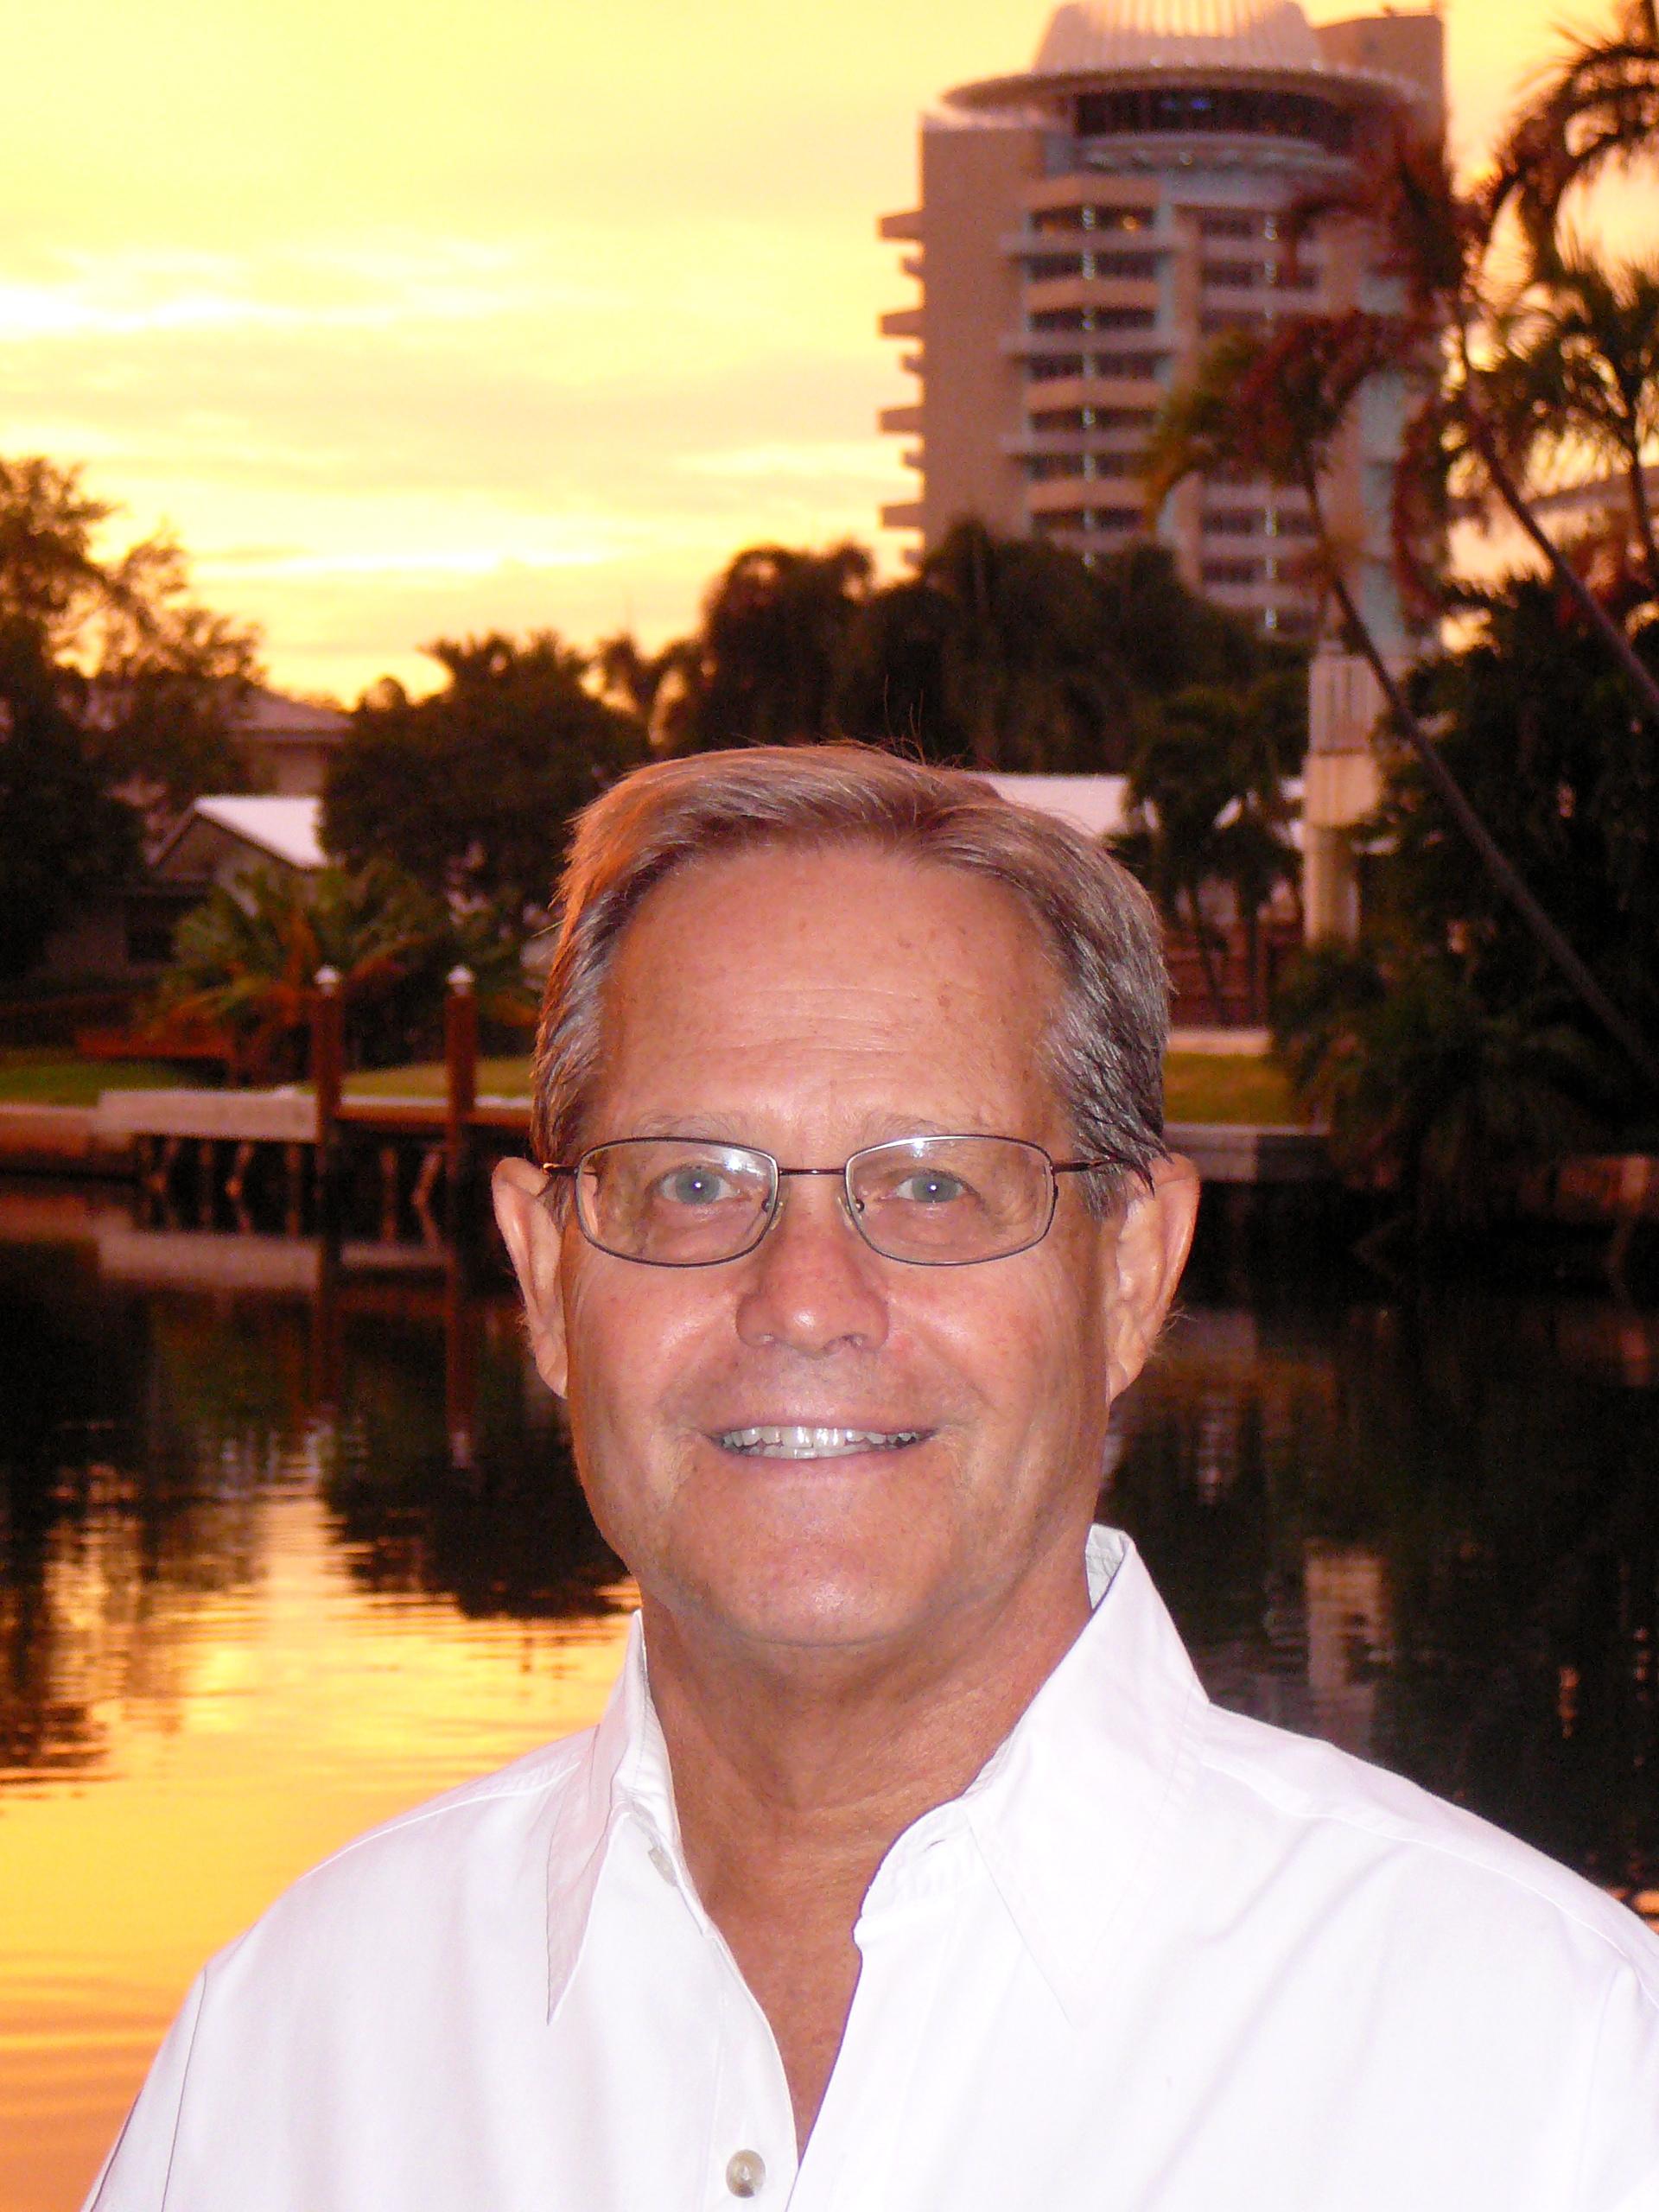 Greg Jaxtheimer